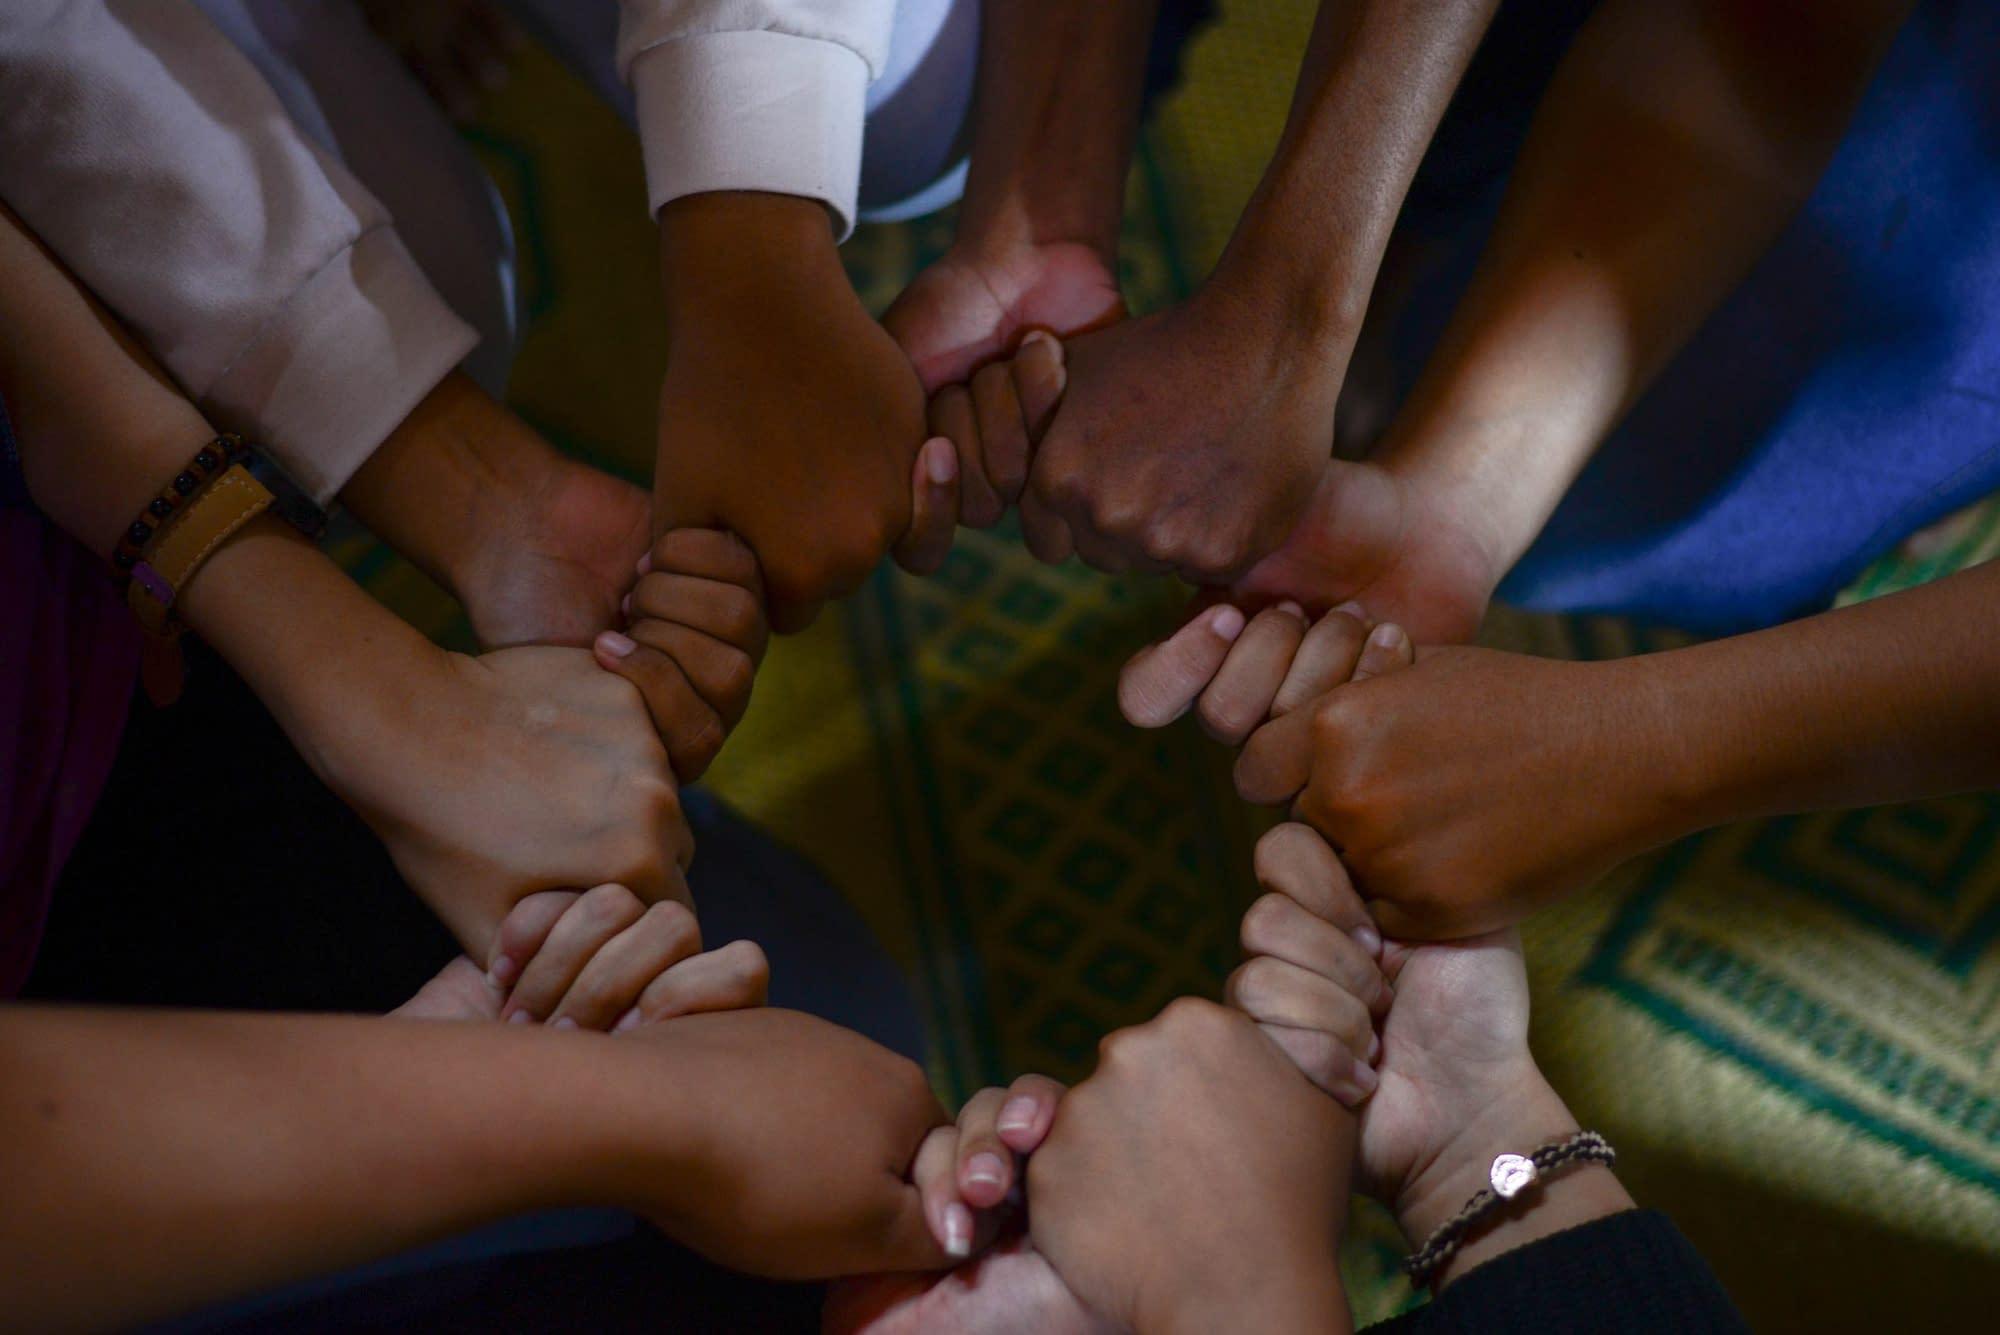 Unity4LivesMatter